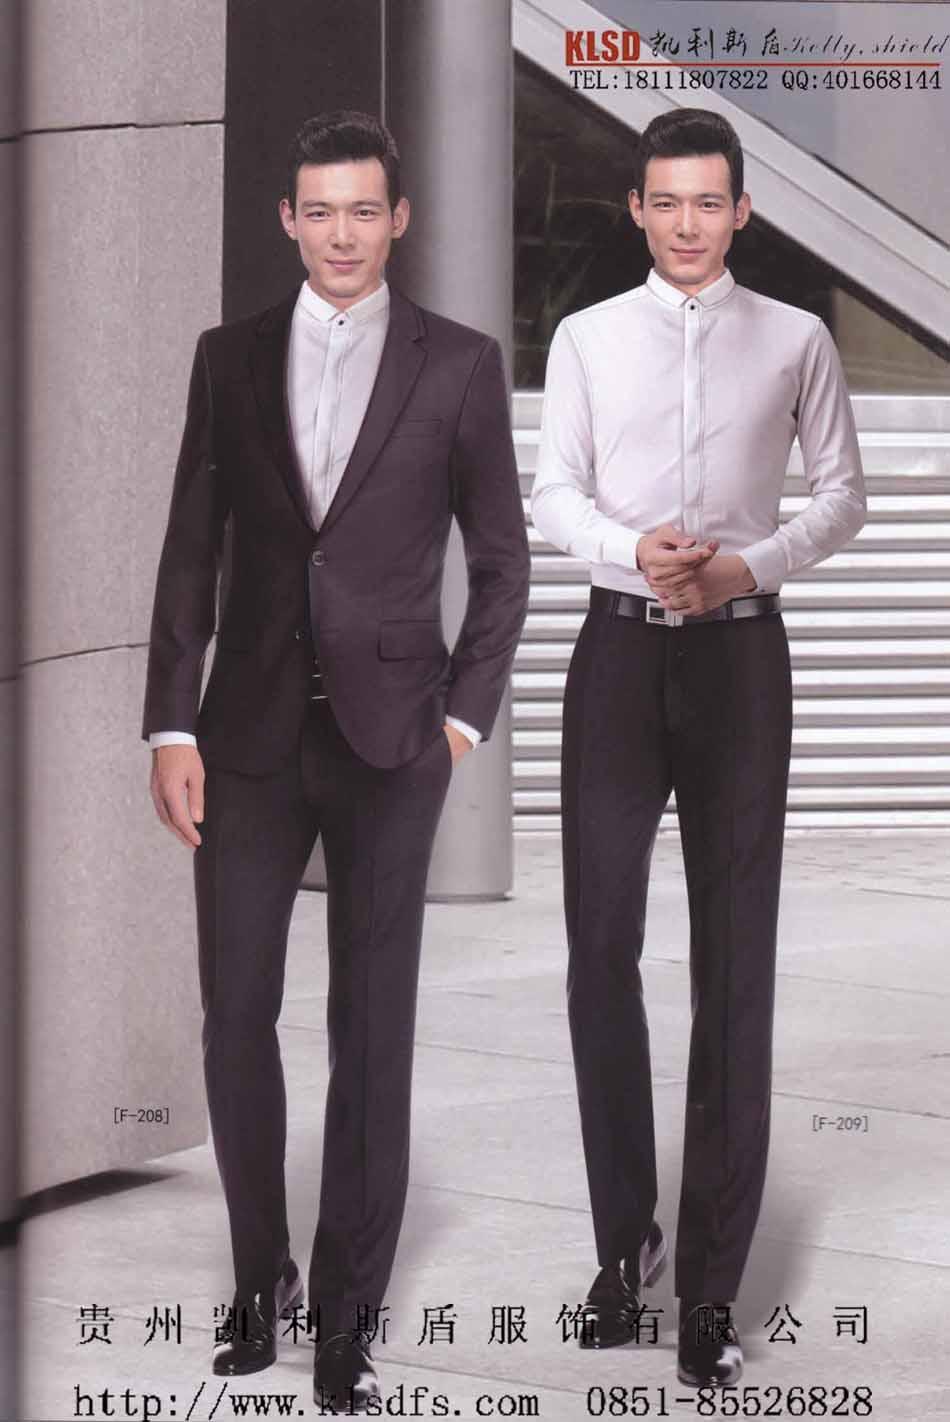 高级男装多少钱-贵阳新式的高级男装批发出售